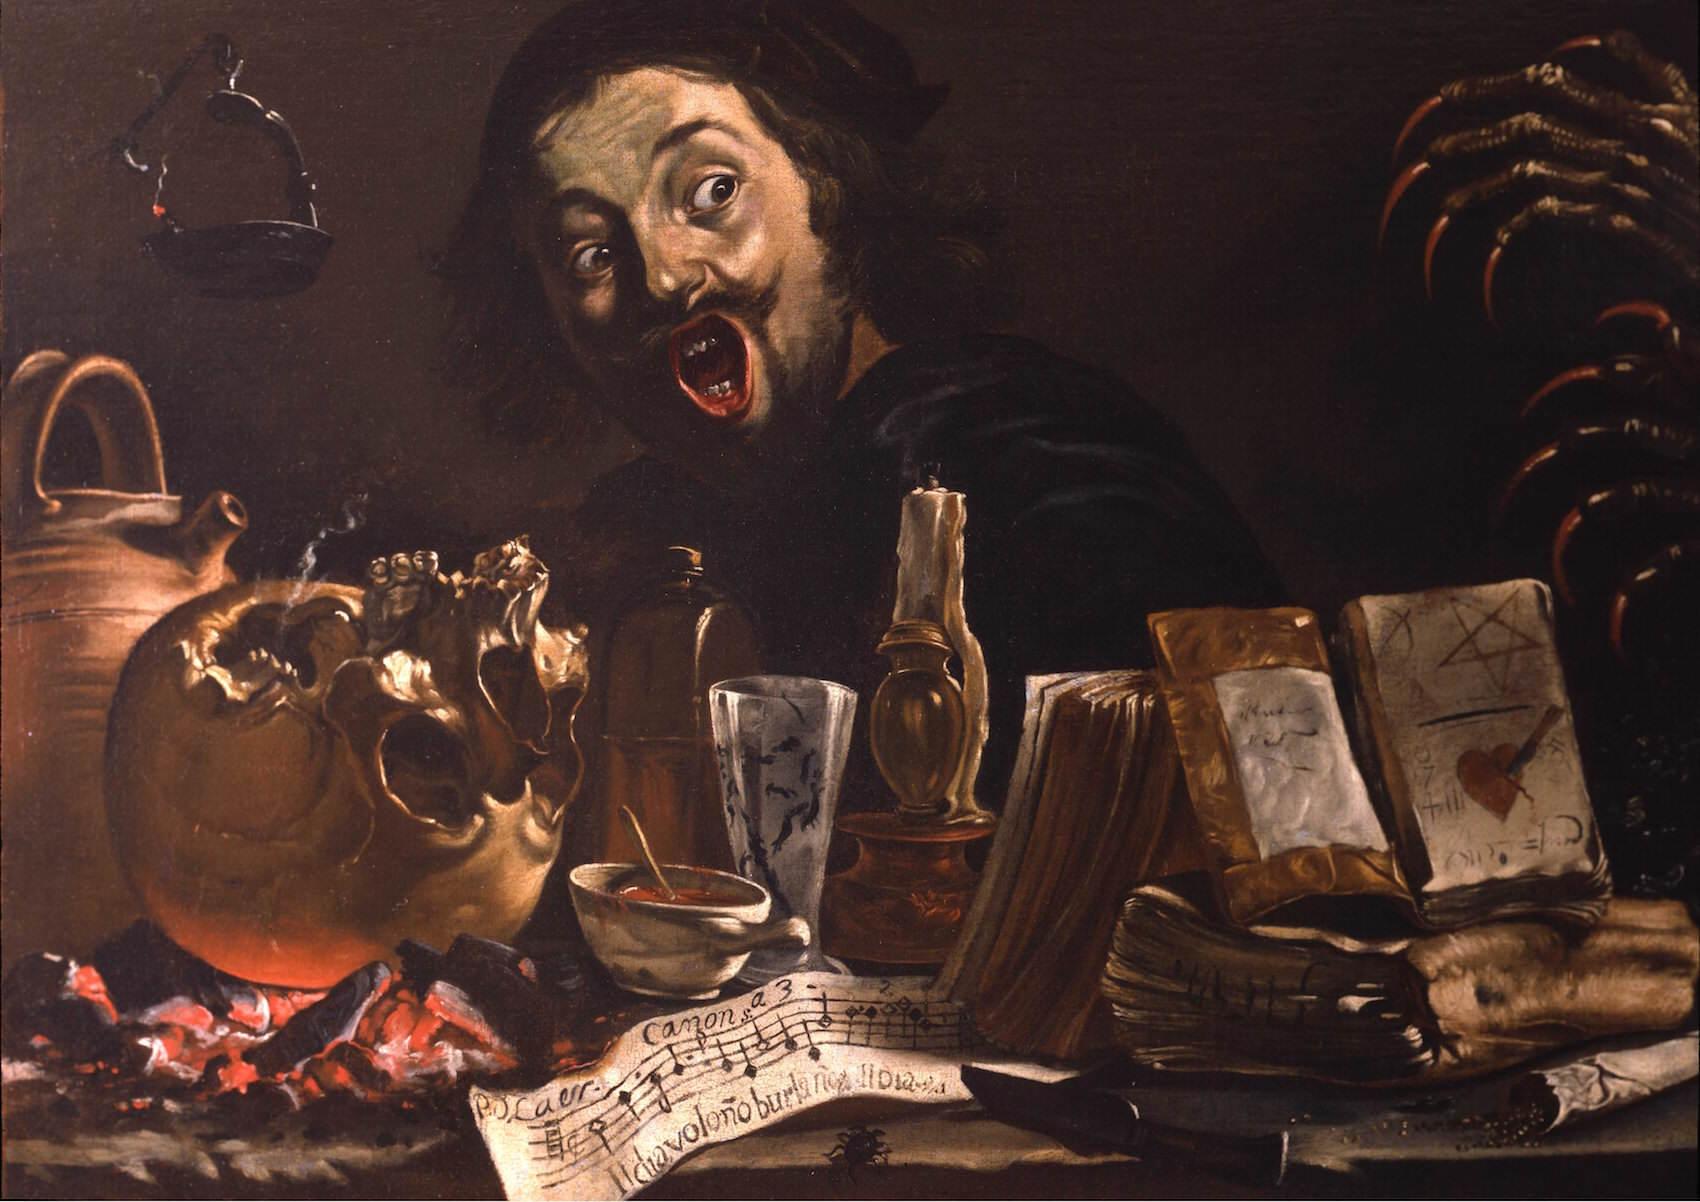 Pieter-Van-Laer-Il-Bamboccio-Autoportrait-avec-scène-de-magie